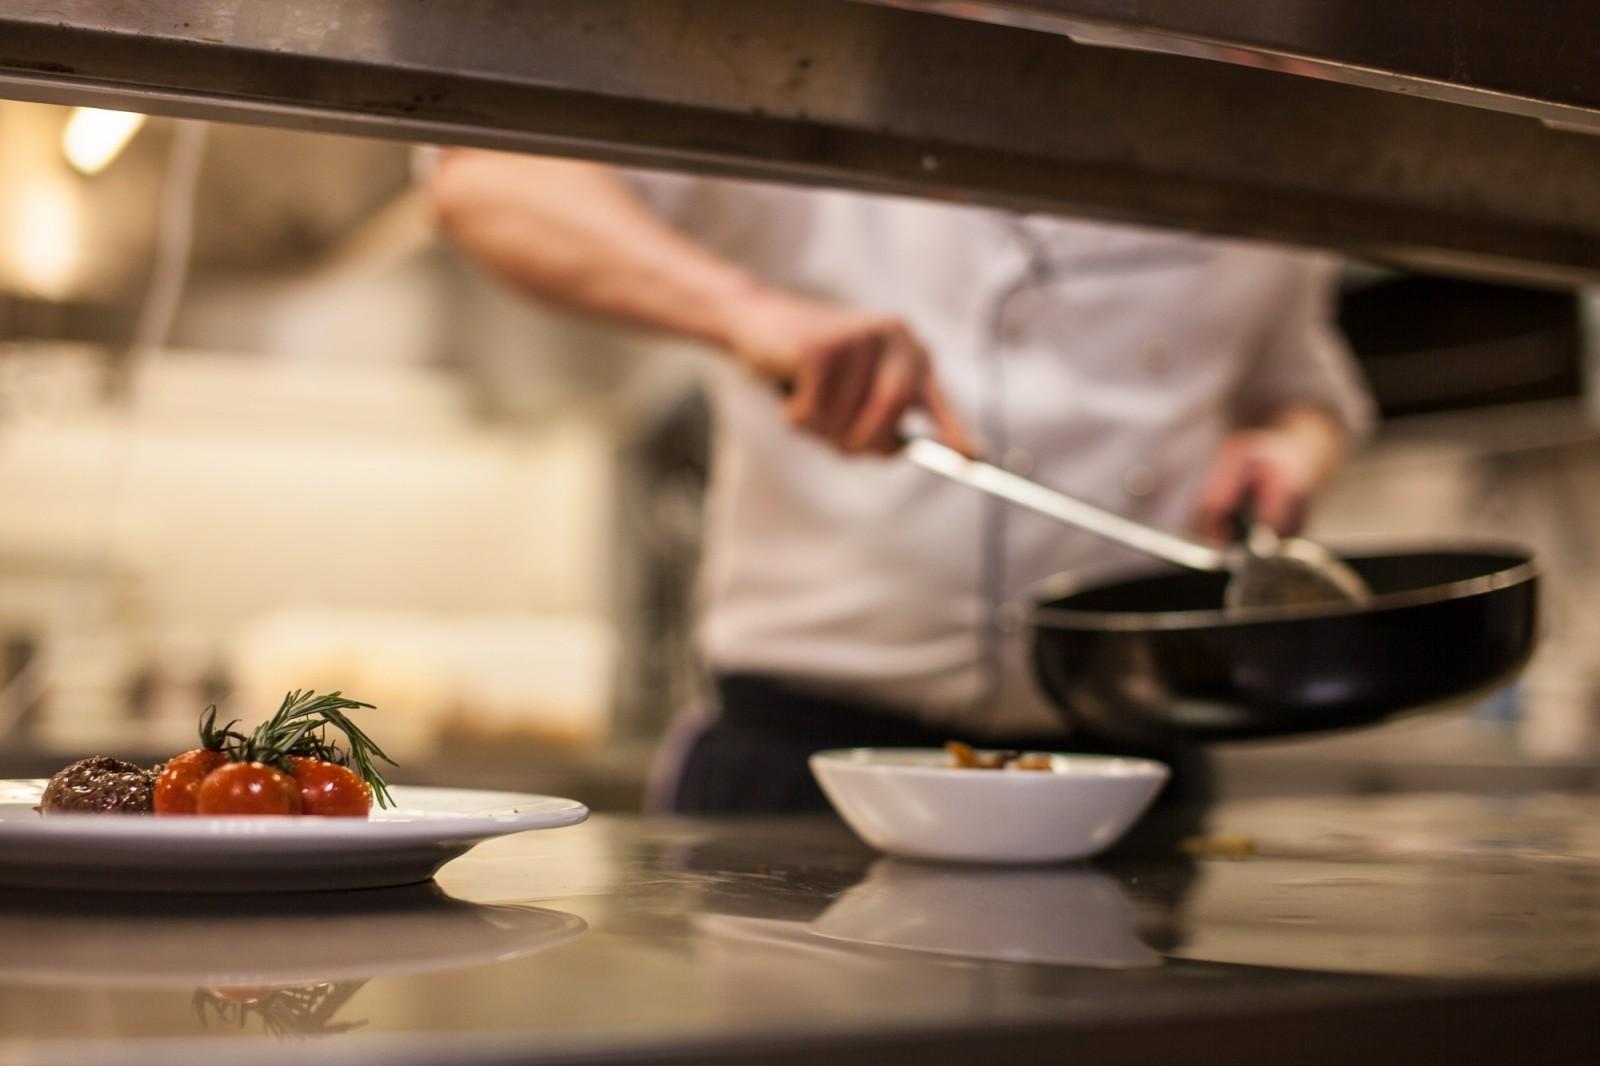 kitchen-eat-food-cook-cooking-pan-preparation.jpg